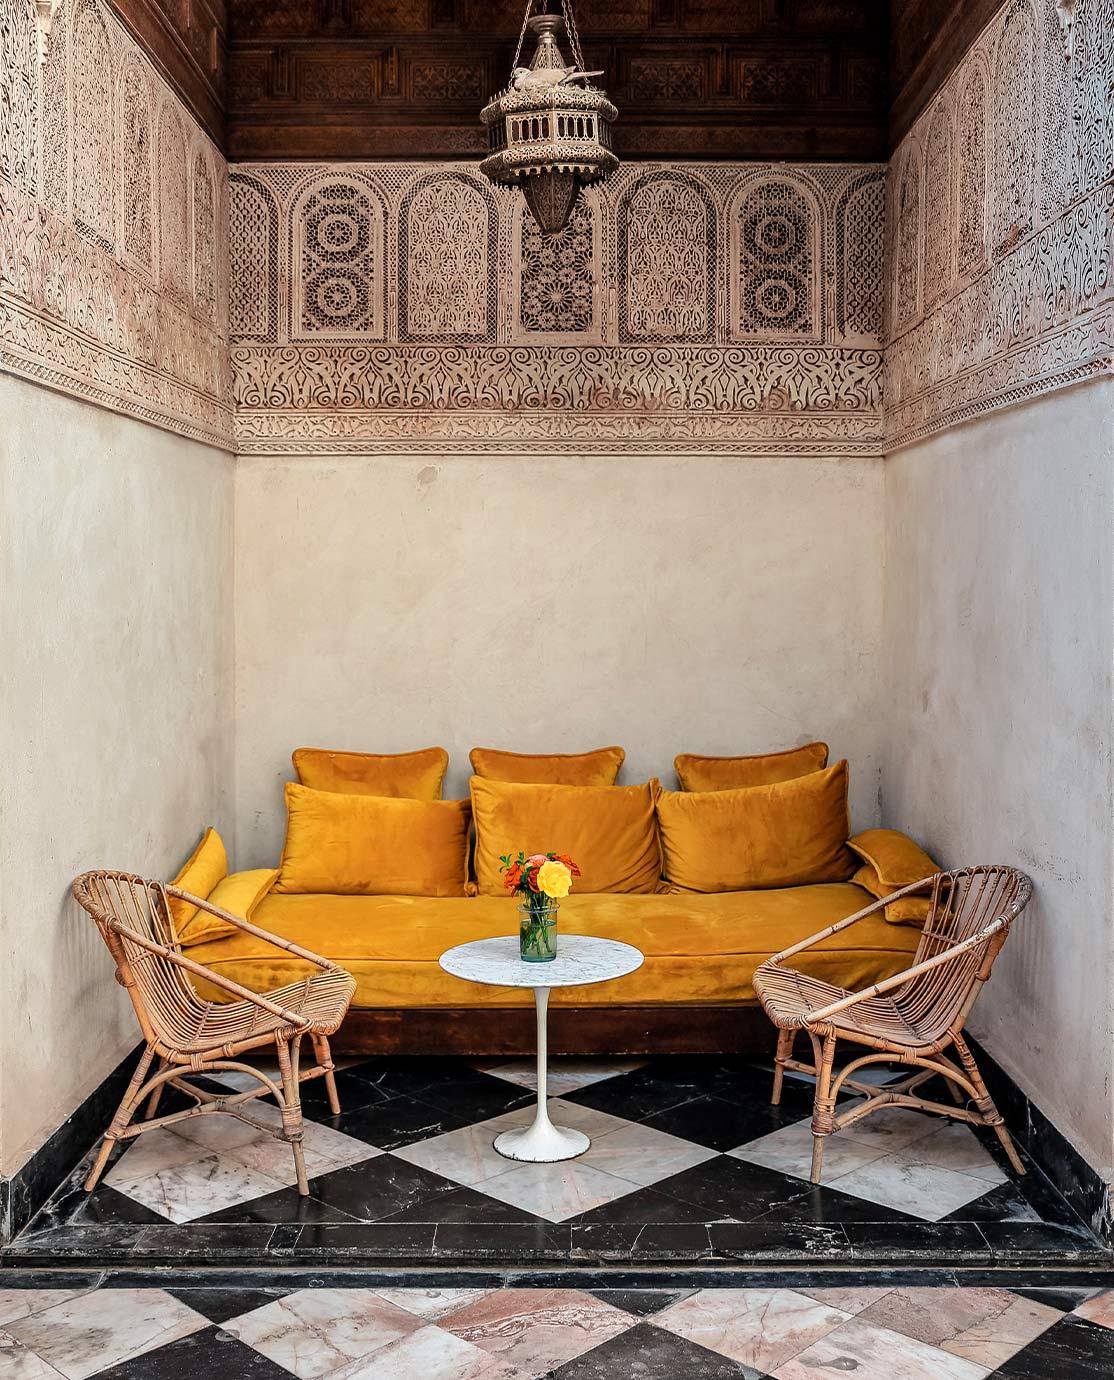 Velvet, mustard yellow sofa in a black-and-white tiled room